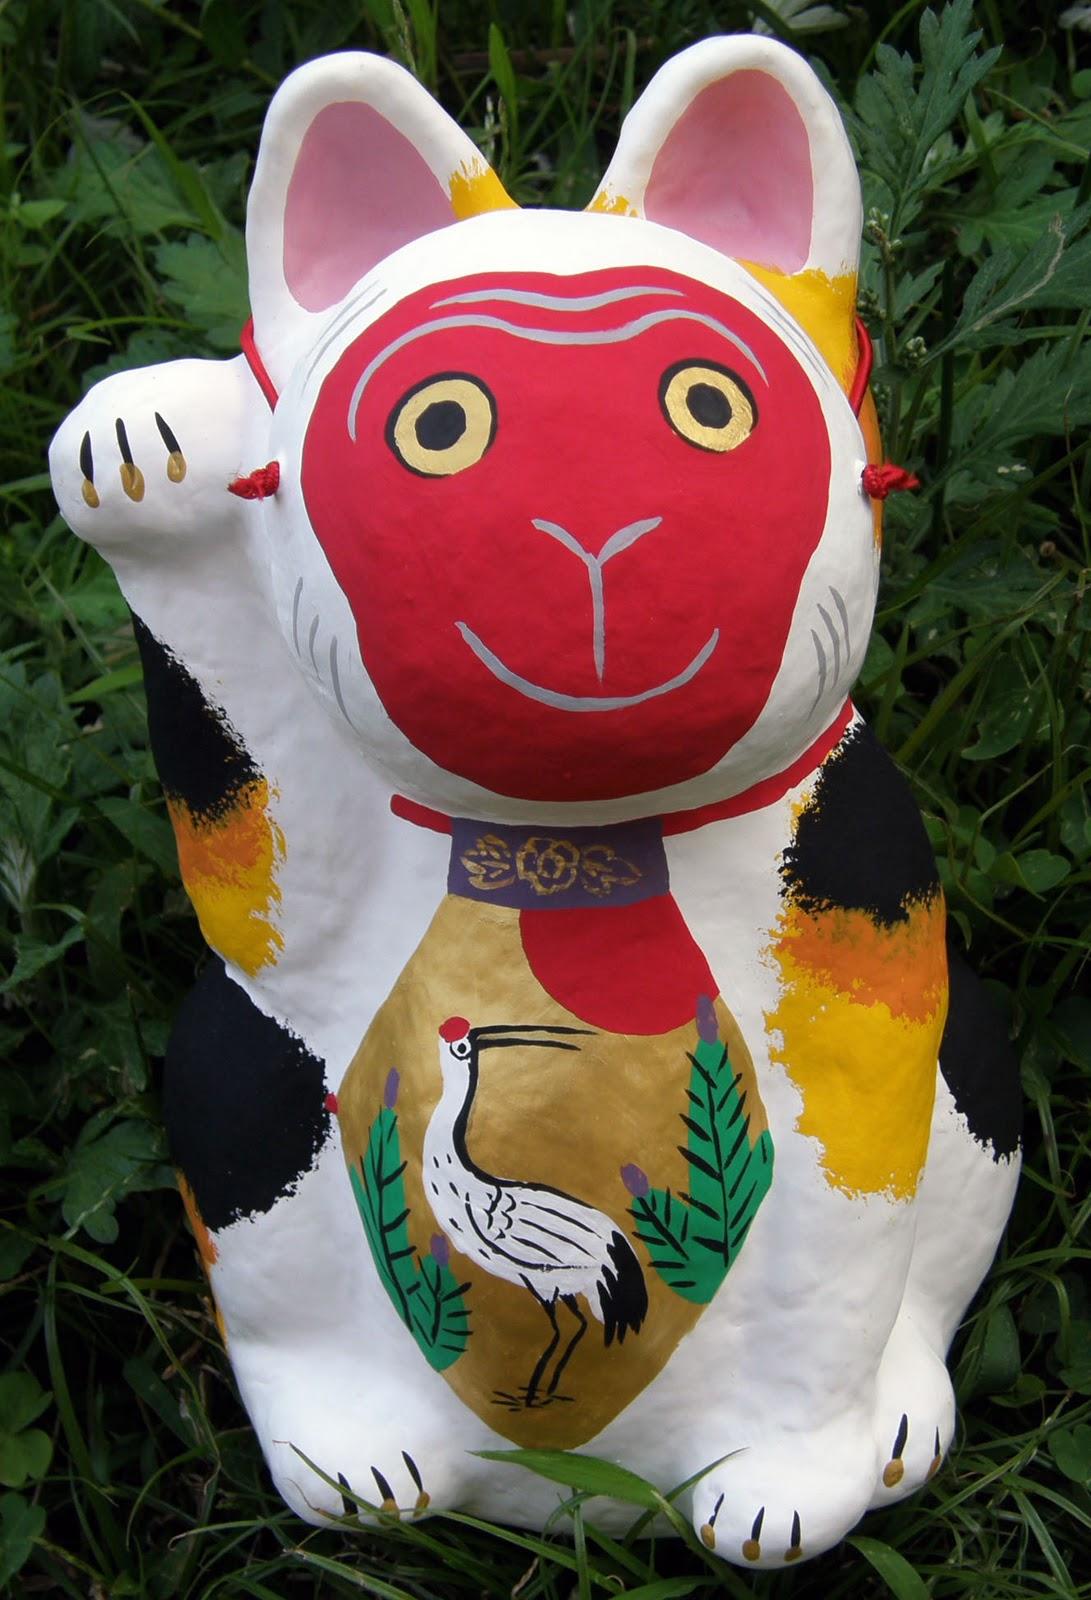 張り子の 金猫堂: 猿のお面をかぶった張子招き猫